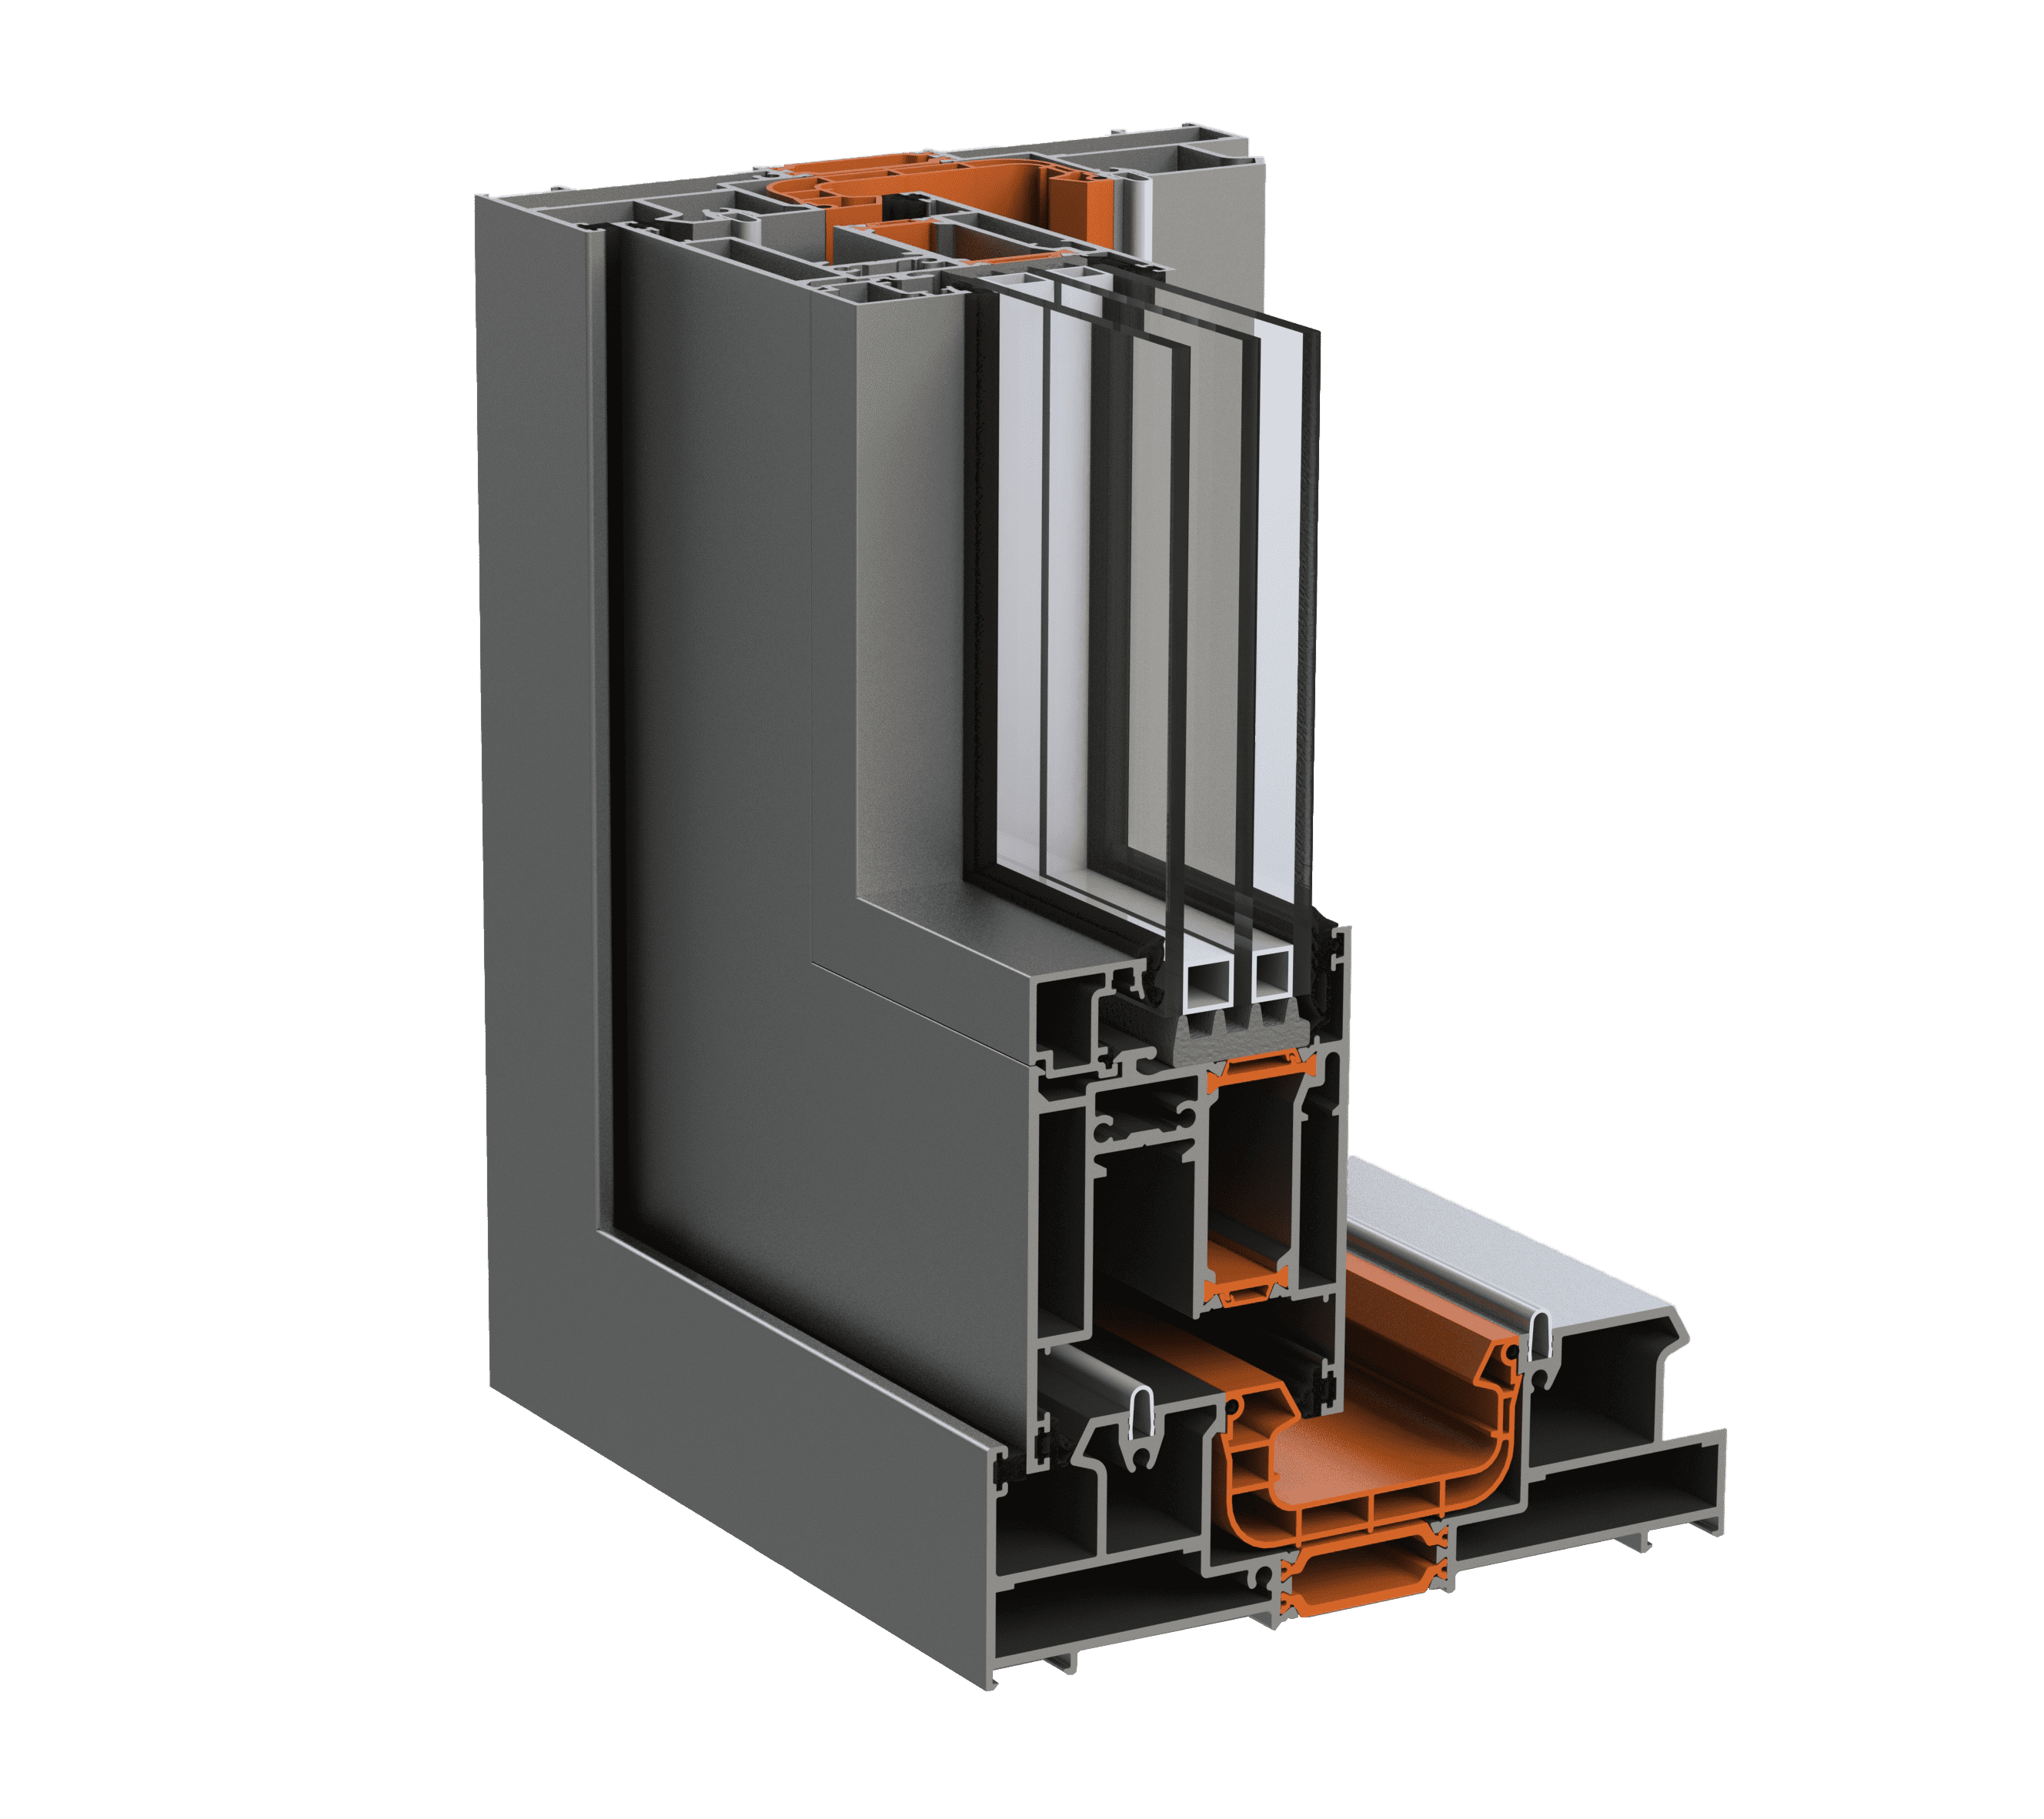 Під'ємно-розсувна алюмінієва система alumil S700 для дилерів EKIPAZH. Вигідні умови для дилерів